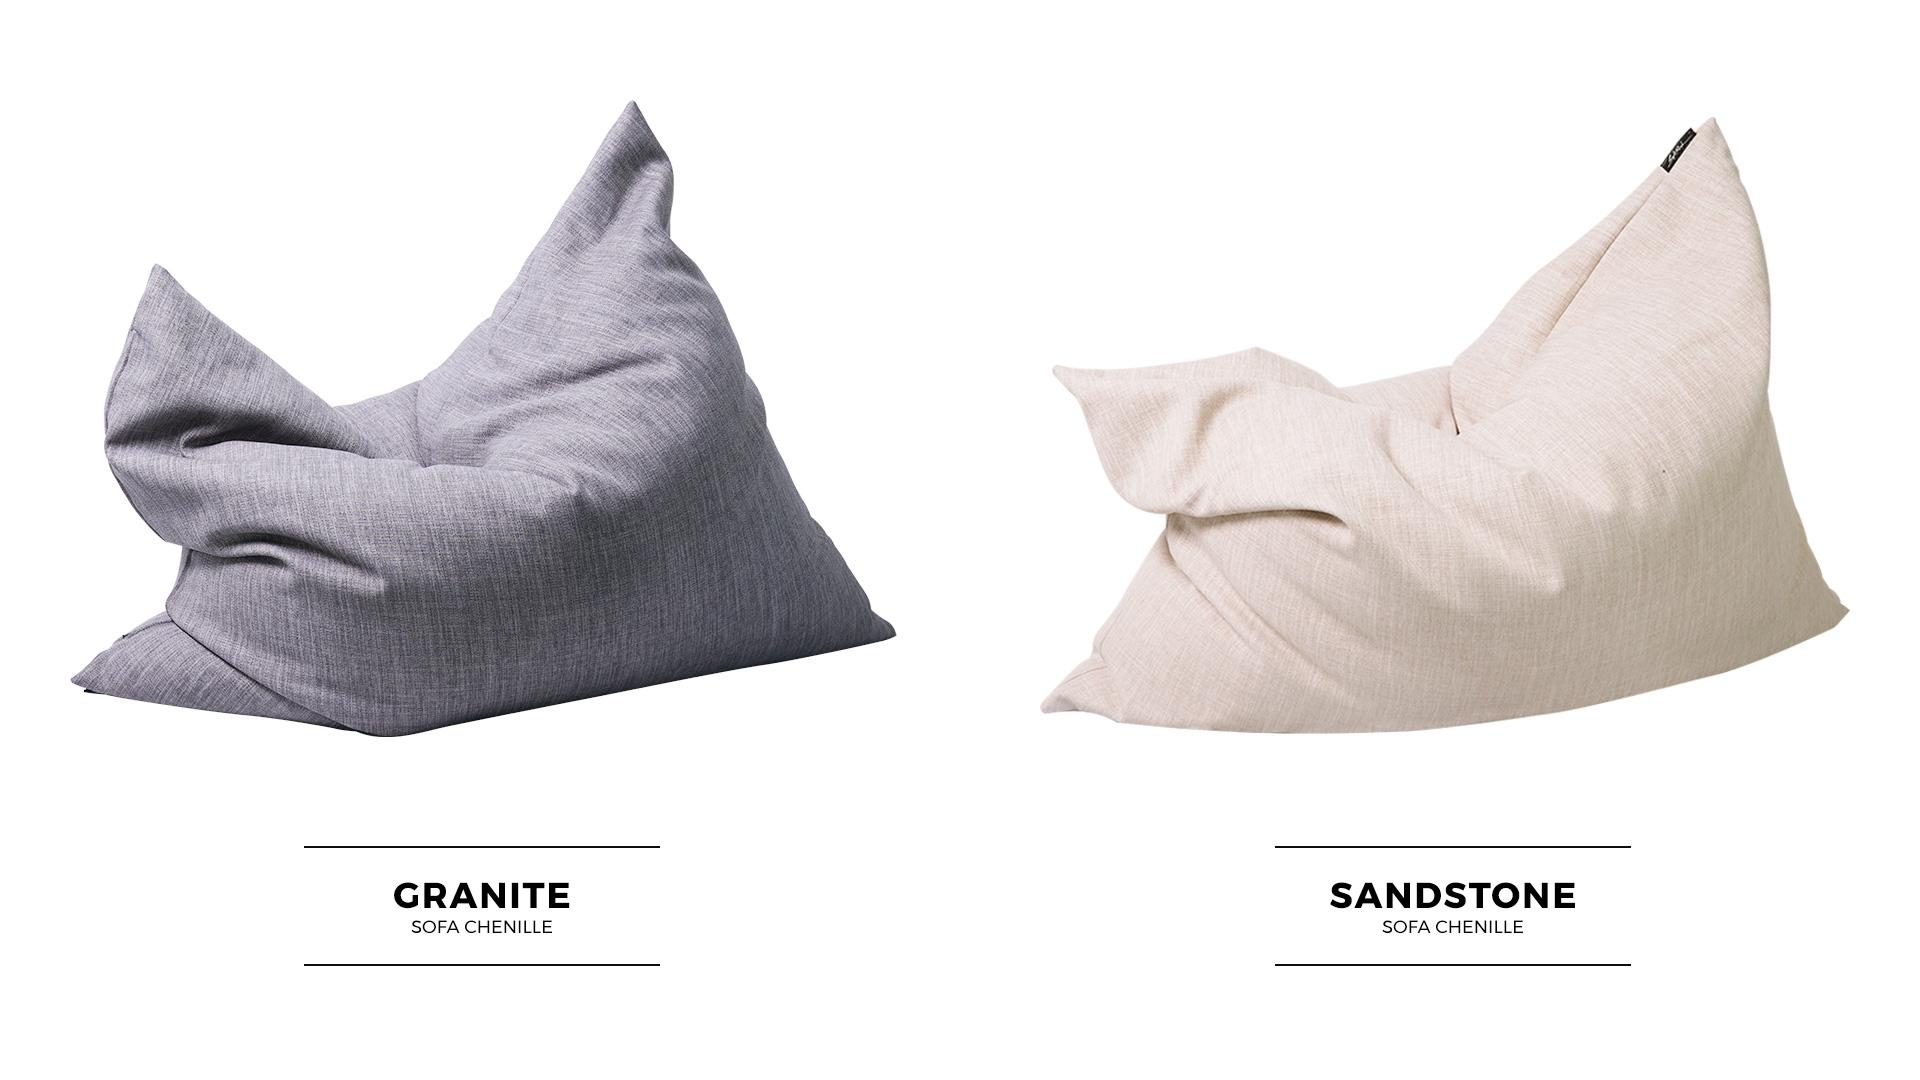 SR-Vesuvius-sofa-chenille